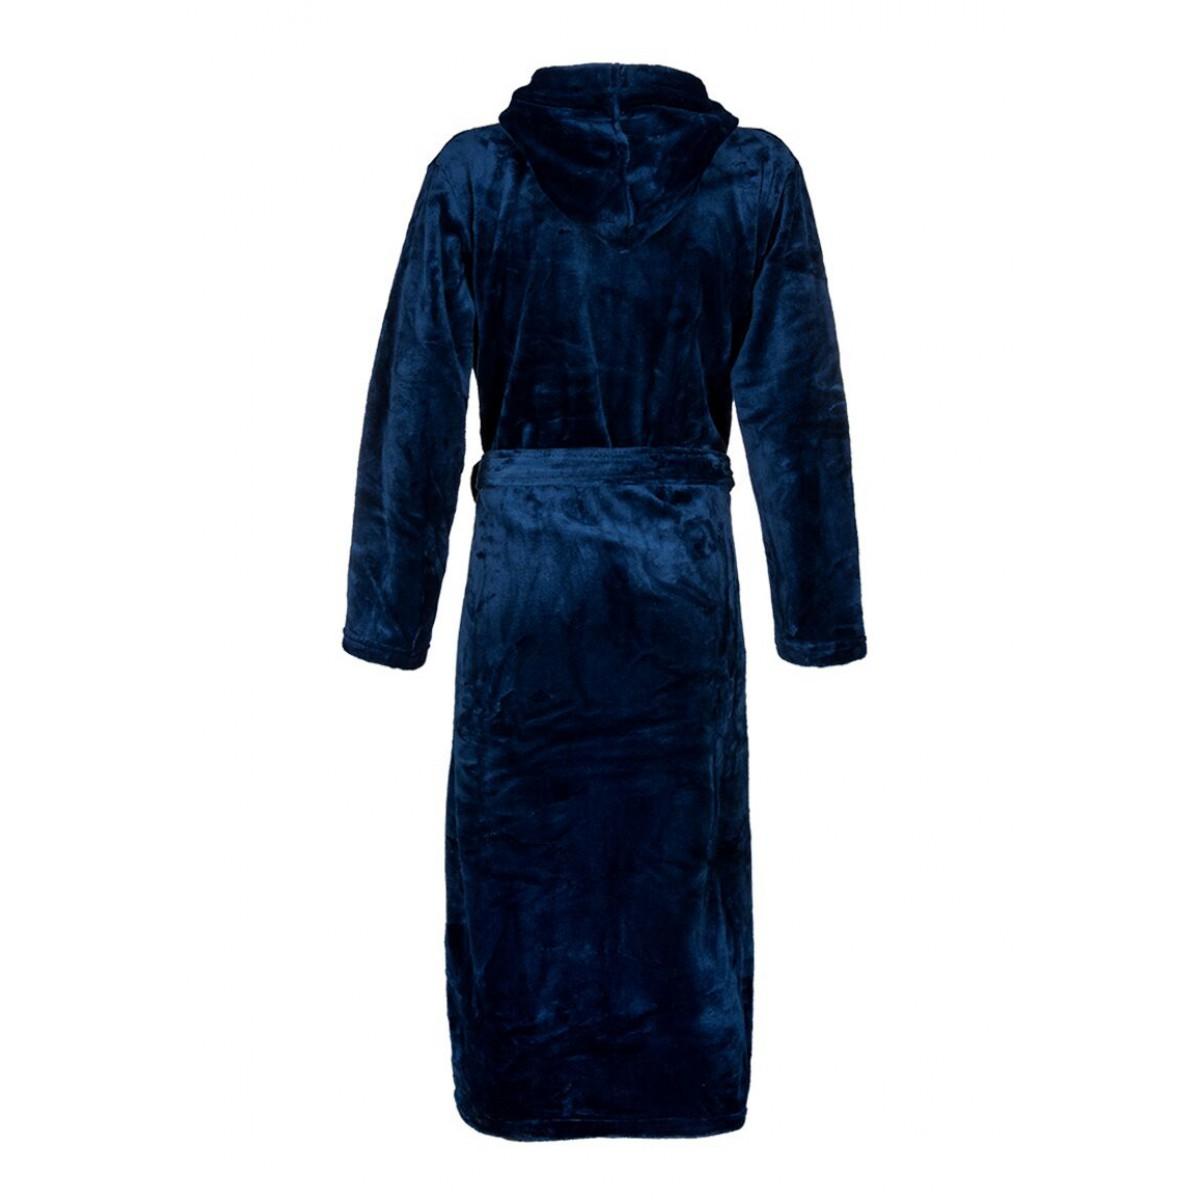 Fleece badjas blauw met capuchon